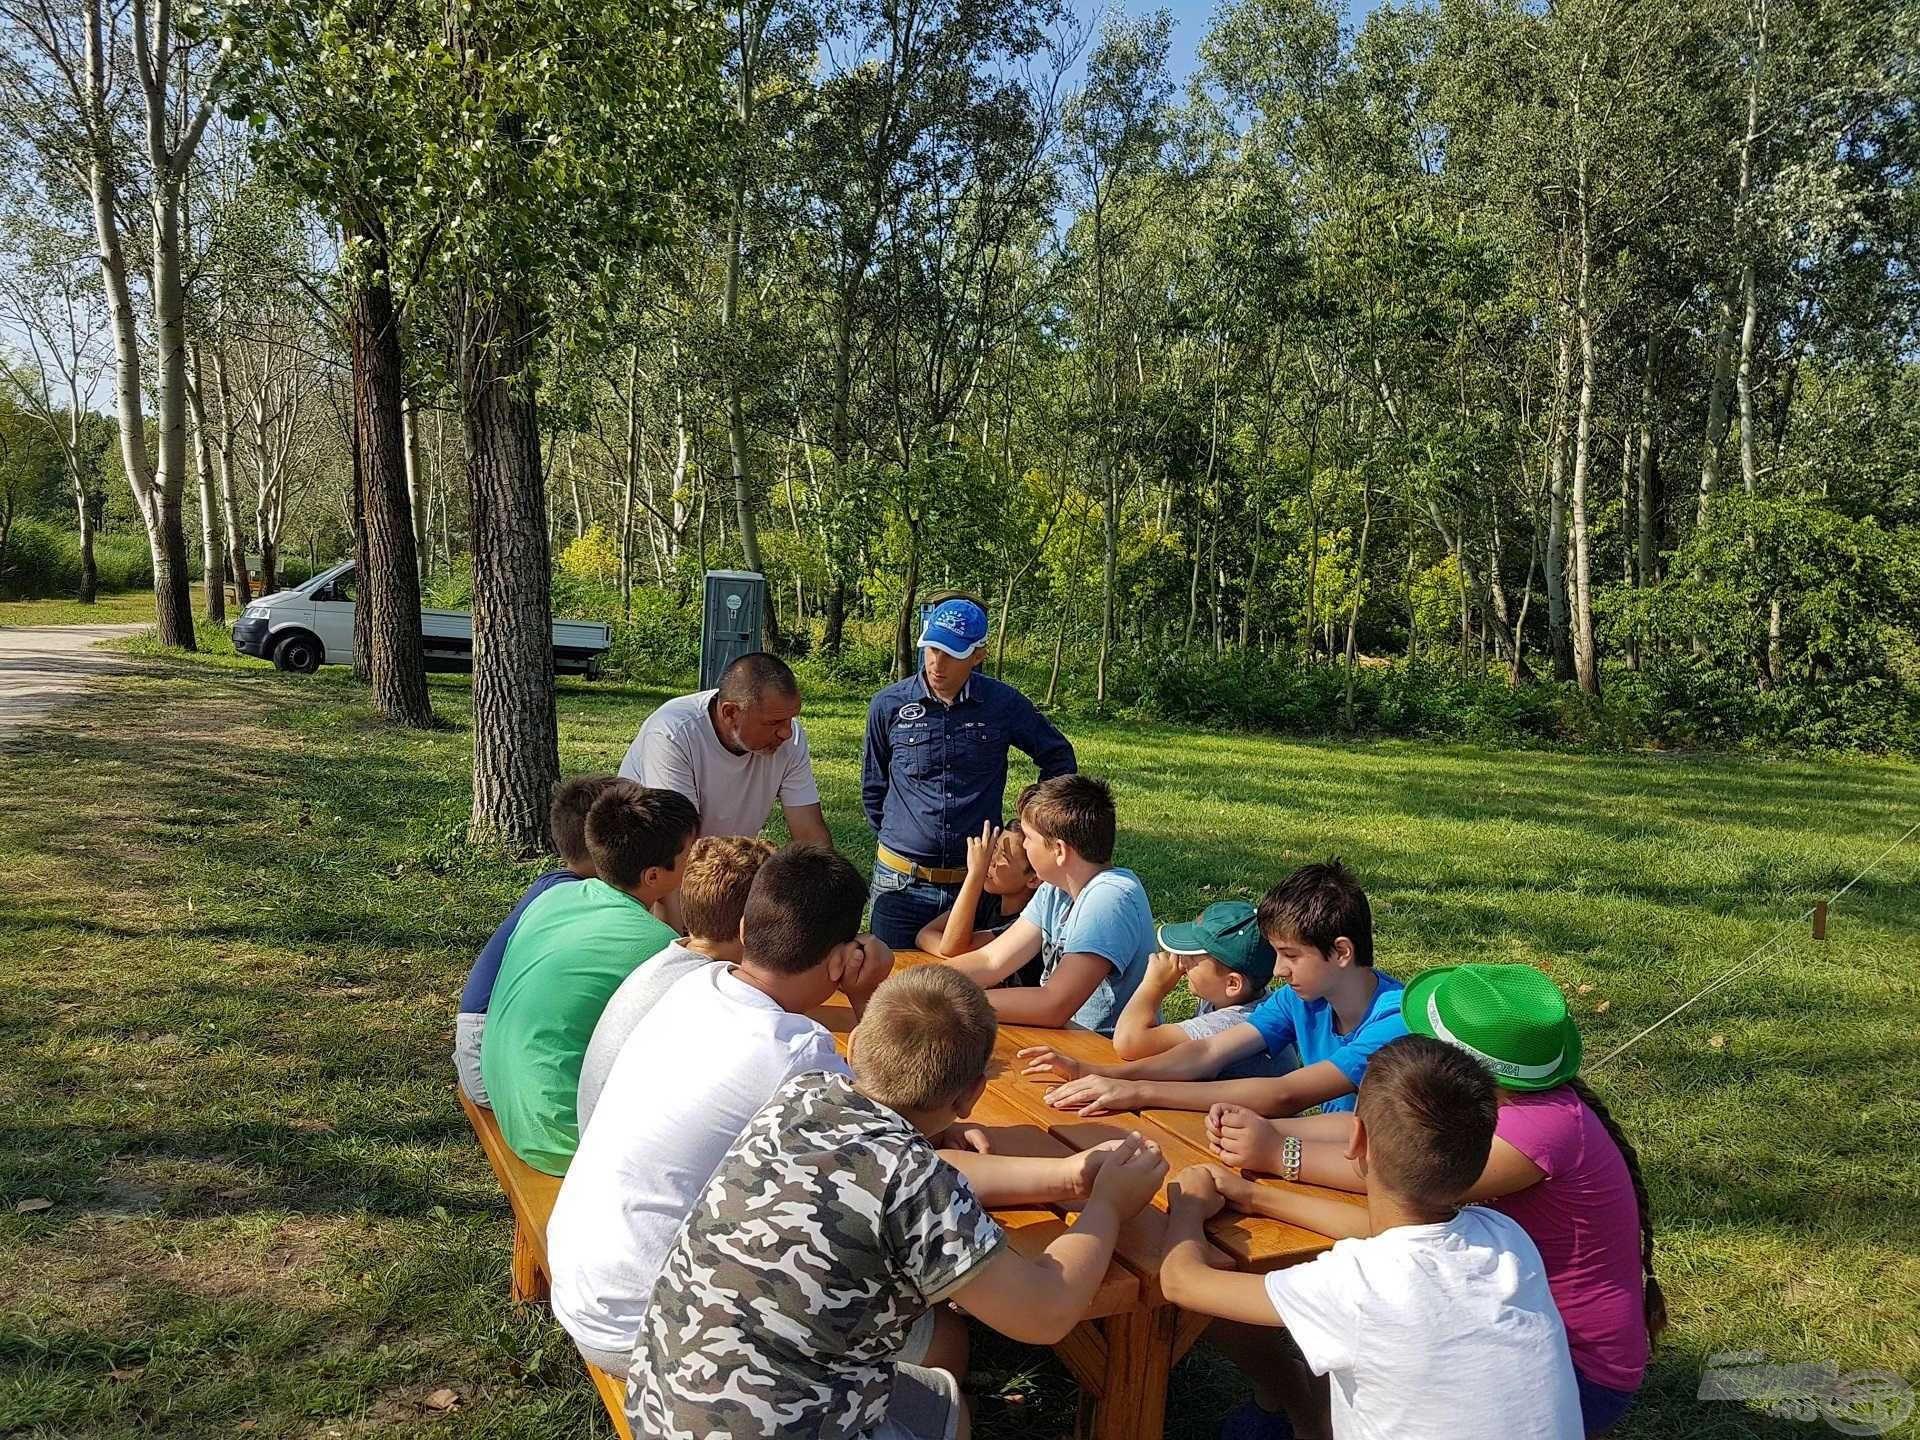 Az utolsó napon Józsi a halból készíthető különféle ételekről szólt néhány szót, majd a verseny szabályait ismertettük